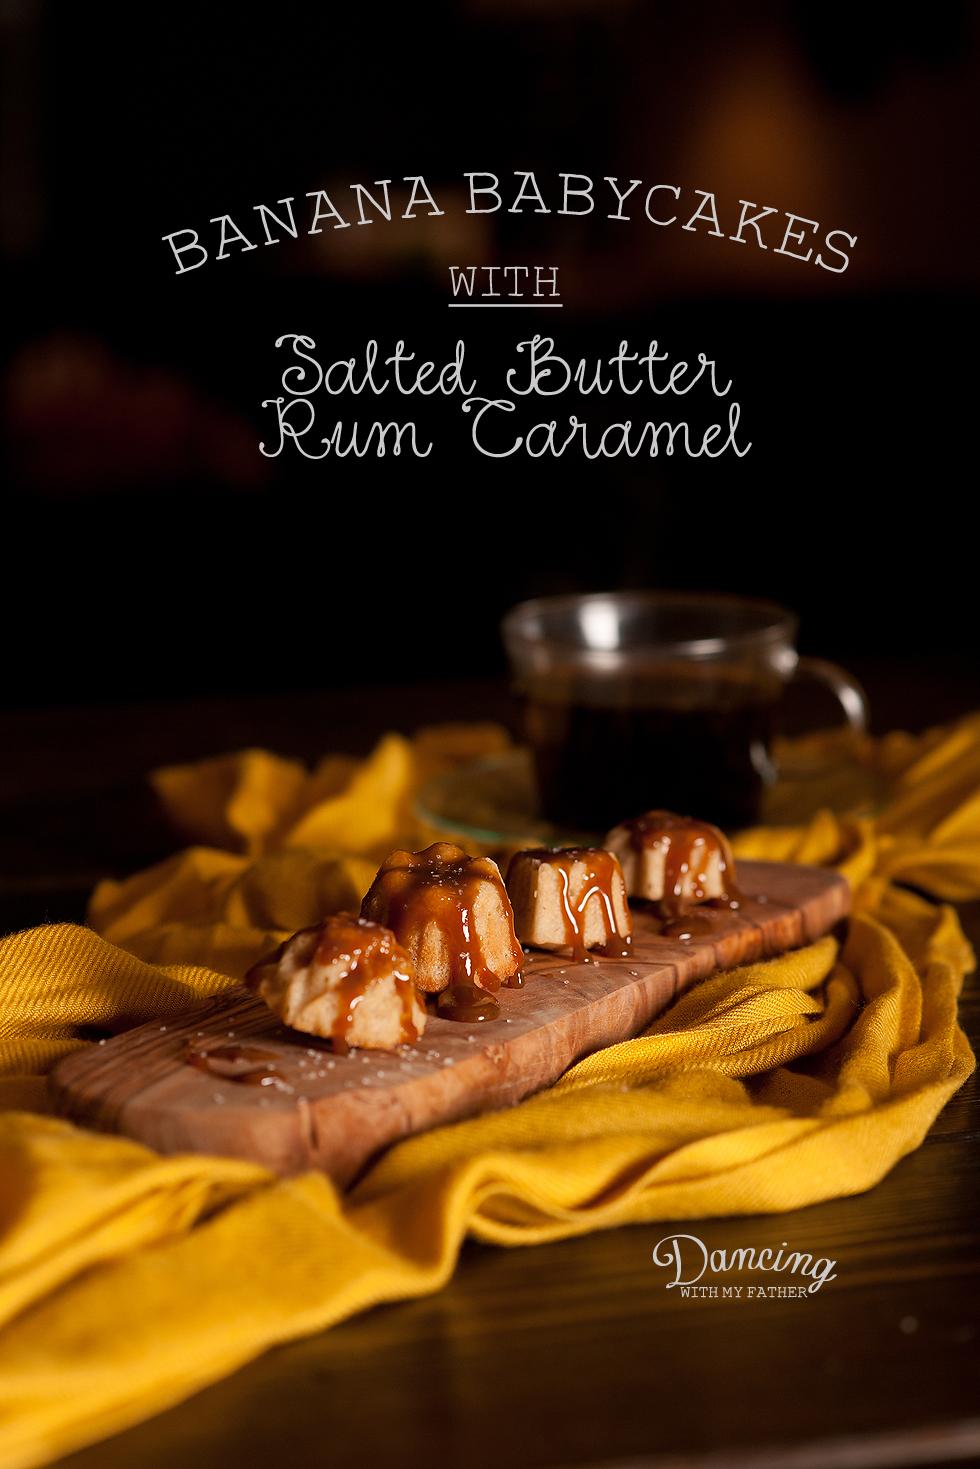 banana babycakes title